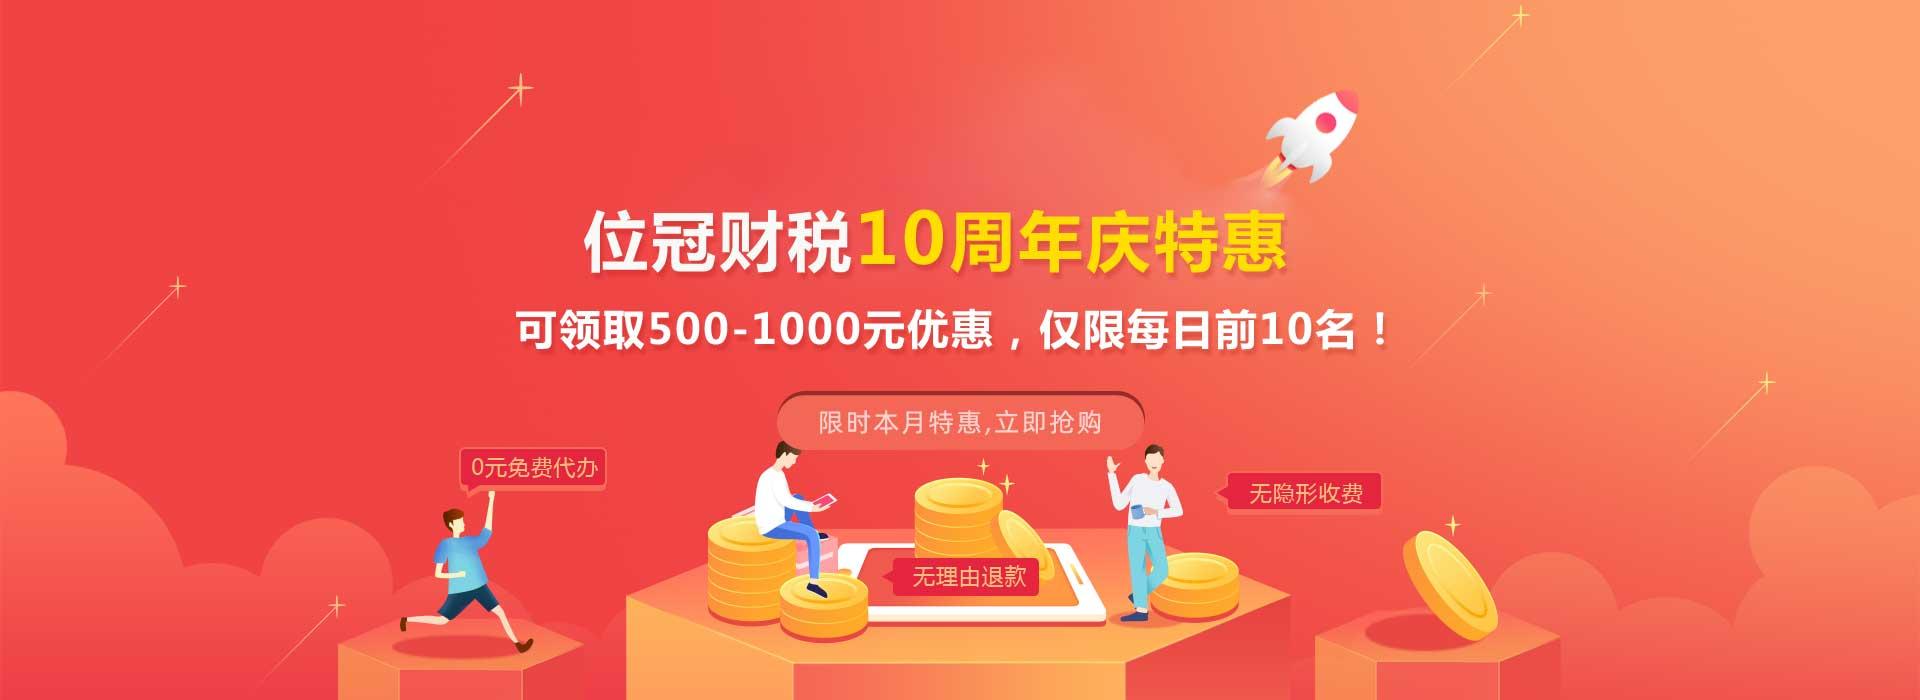 上海公司注册网banner1